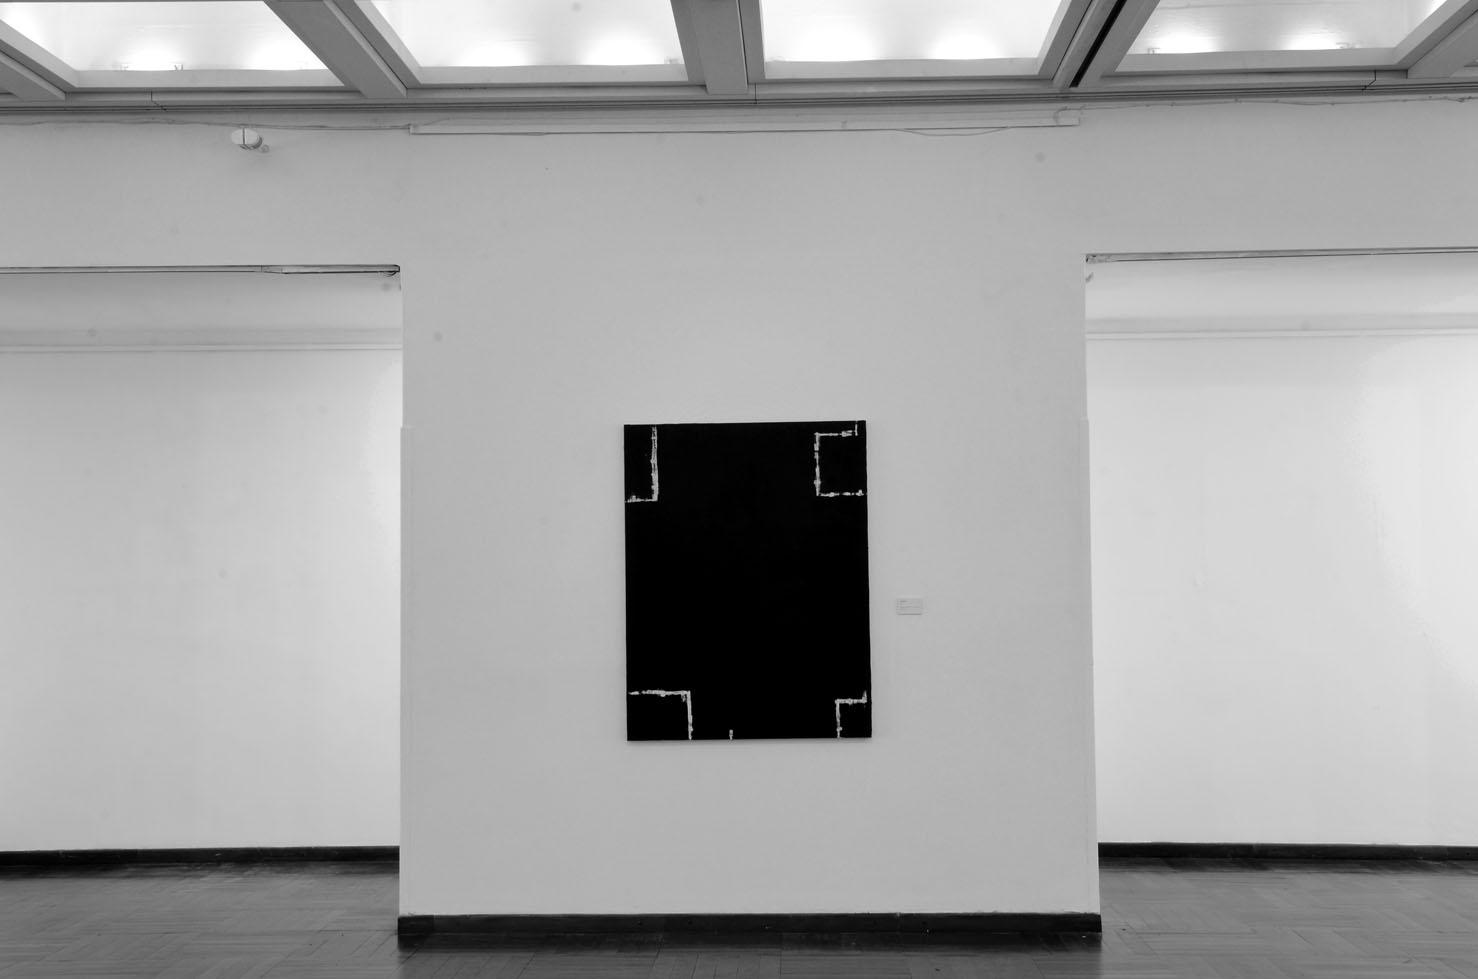 JAVIER BASSI contemporary art studio: IN/VISIBILIDAD - Javier Bassi ...